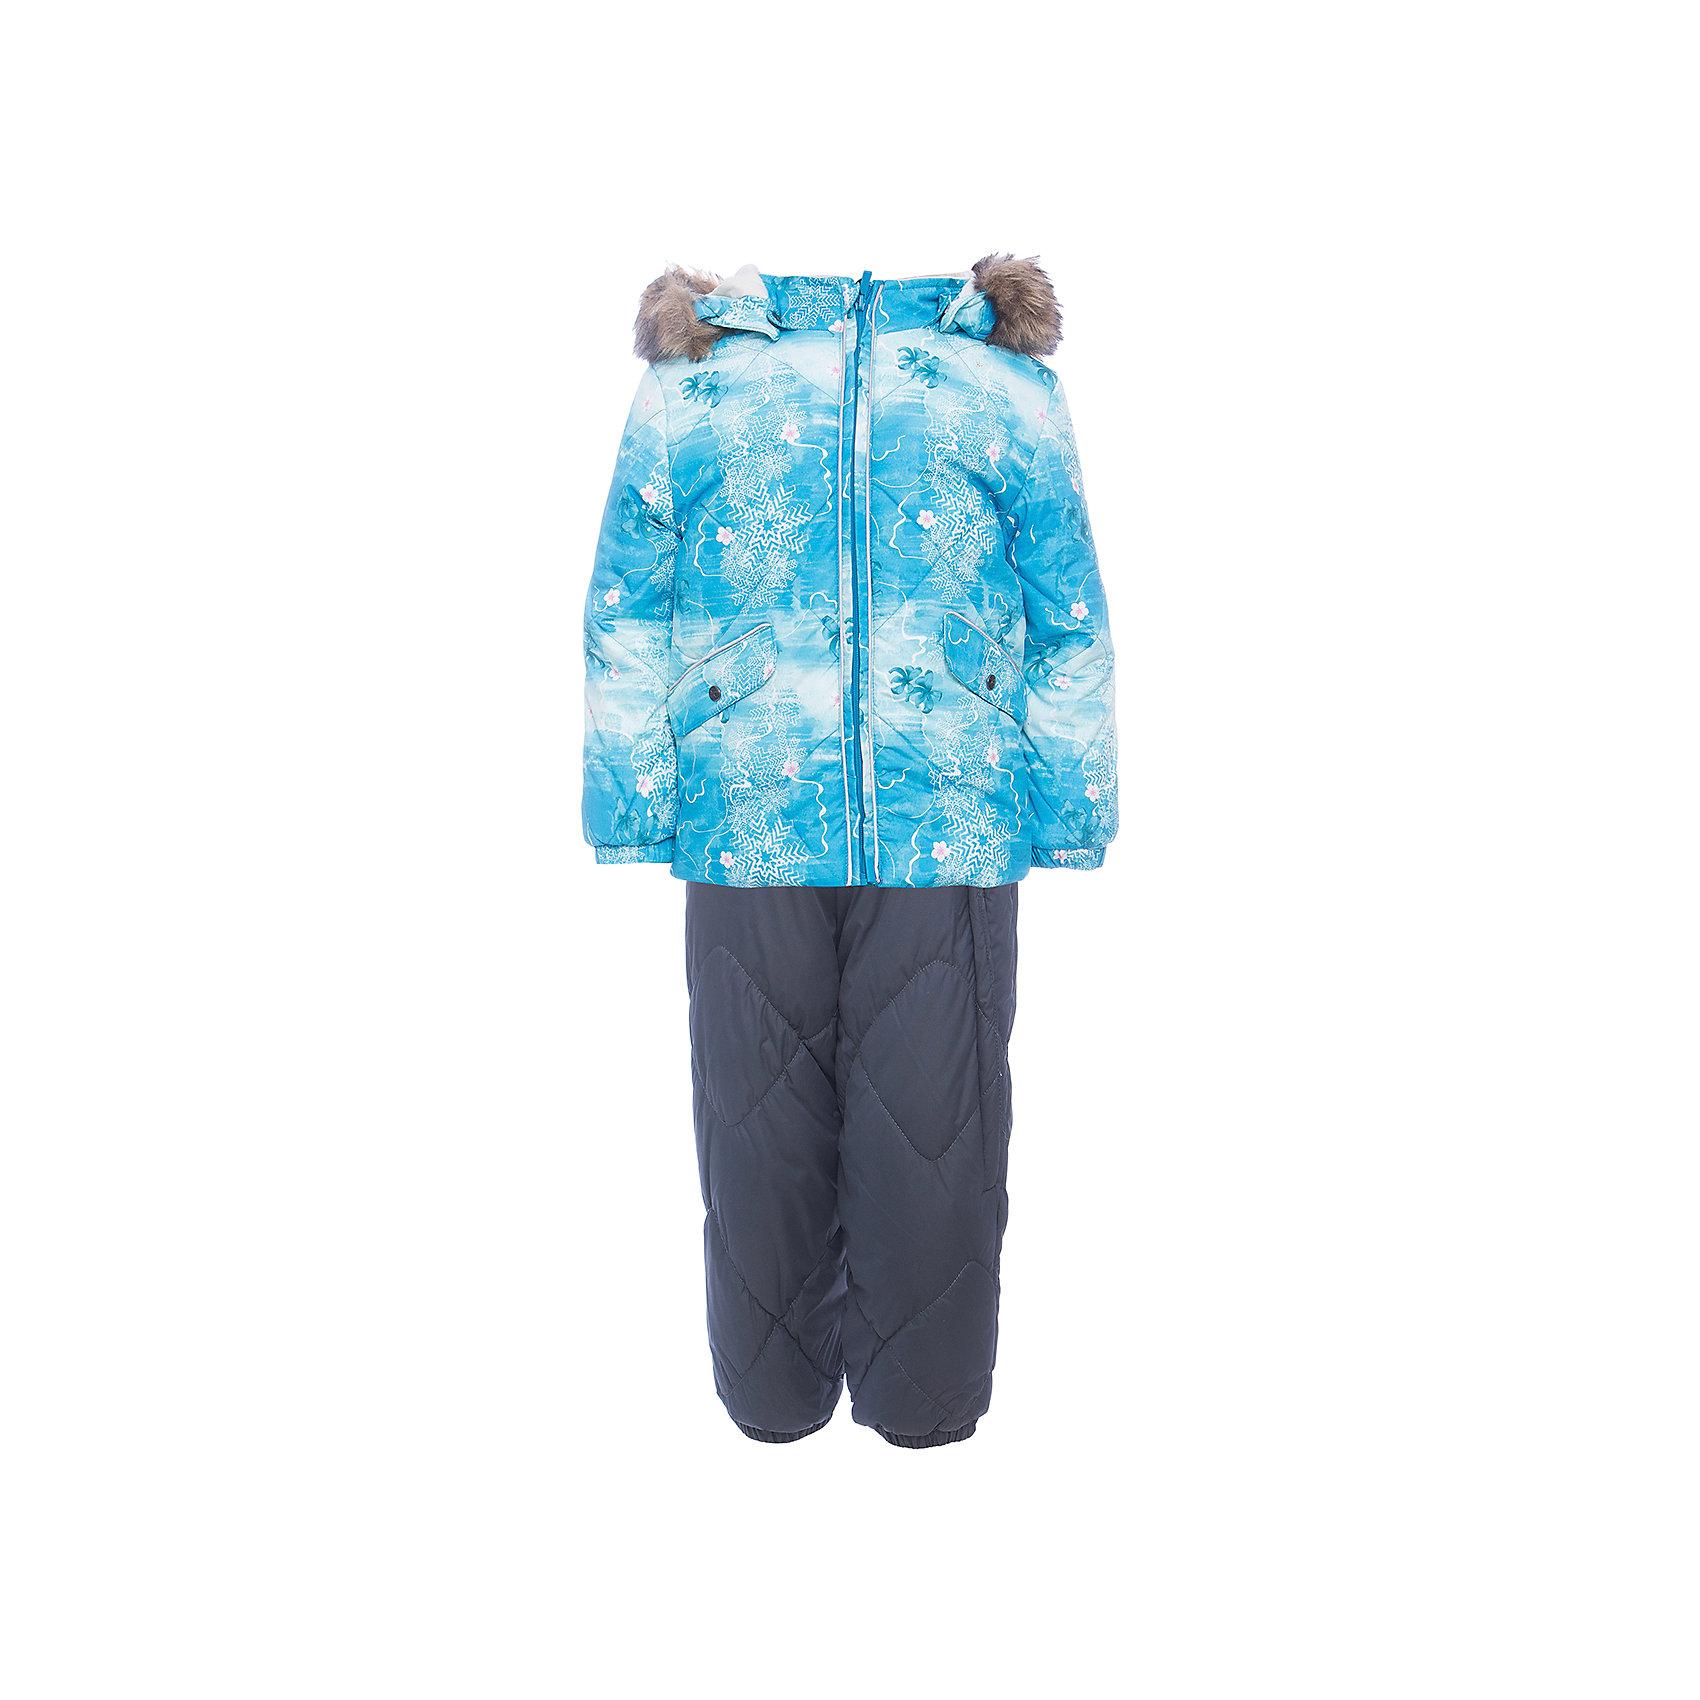 Комплект: куртка и брюки NOELLE 1 HuppaКомплекты<br>Характеристики товара:<br><br>• модель: Noelle 1;<br>• цвет:  голубой/серый;<br>• состав: 100% полиэстер;<br>• утеплитель: полиэстер, 300 гр куртка / 160гр брюки;<br>• подкладка: куртка: полиэстер - тафта / полукомбинезон: 100% хлопок - фланель;<br>• сезон: зима;<br>• температурный режим: от -5 до - 30С;<br>• водонепроницаемость: 5000 мм  ;<br>• воздухопроницаемость: 5000 г/м2/24ч;<br>• водо- и ветронепроницаемый, дышащий и грязеотталкивающий материал;<br>• особенности модели: c рисунком; с мехом;<br>• капюшон при необходимости отстегивается;<br>• искусственный мех на капюшоне съемный ;<br>• защита подбородка от защемления;<br>• светоотражающих элементов для безопасности ребенка ;<br>• карманы на кнопках;<br>• манжеты рукавов на резинке; <br>• манжеты брюк на резинках;<br>• съемные силиконовые штрипки;<br>• внутренняя регулировка обхвата талии;<br>• страна бренда: Финляндия;<br>• страна изготовитель: Эстония.<br><br>Зимний комплект Noelle 1 для девочки бренда HUPPA влагонепроницаемый и дышащий. Куртка с утеплителем 300 гр и брюки с утеплителем 160 гр подойдут на температуру от -5 до -30 градусов. Подкладка —фланель - 100% хлопок,тафта.<br><br>Функциональные элементы: Куртка: капюшон отстегивается с помощью кнопок, мех отстегивается, защита подбородка от защемления, мягкая меховая подкладка, карманы на кнопках, манжеты на резинке, светоотражающие элементы. Брюки: регулируемые лямки, удлиненная косая молния, карман без застежек, подол штанин на резинке, съемные силиконовые штрипки, светоотражающие элементы. <br><br>Зимний комплект Noelle 1 для девочки бренда HUPPA  можно купить в нашем интернет-магазине.<br><br>Ширина мм: 356<br>Глубина мм: 10<br>Высота мм: 245<br>Вес г: 519<br>Цвет: голубой<br>Возраст от месяцев: 36<br>Возраст до месяцев: 48<br>Пол: Унисекс<br>Возраст: Детский<br>Размер: 104,80,86,92,98<br>SKU: 7024652